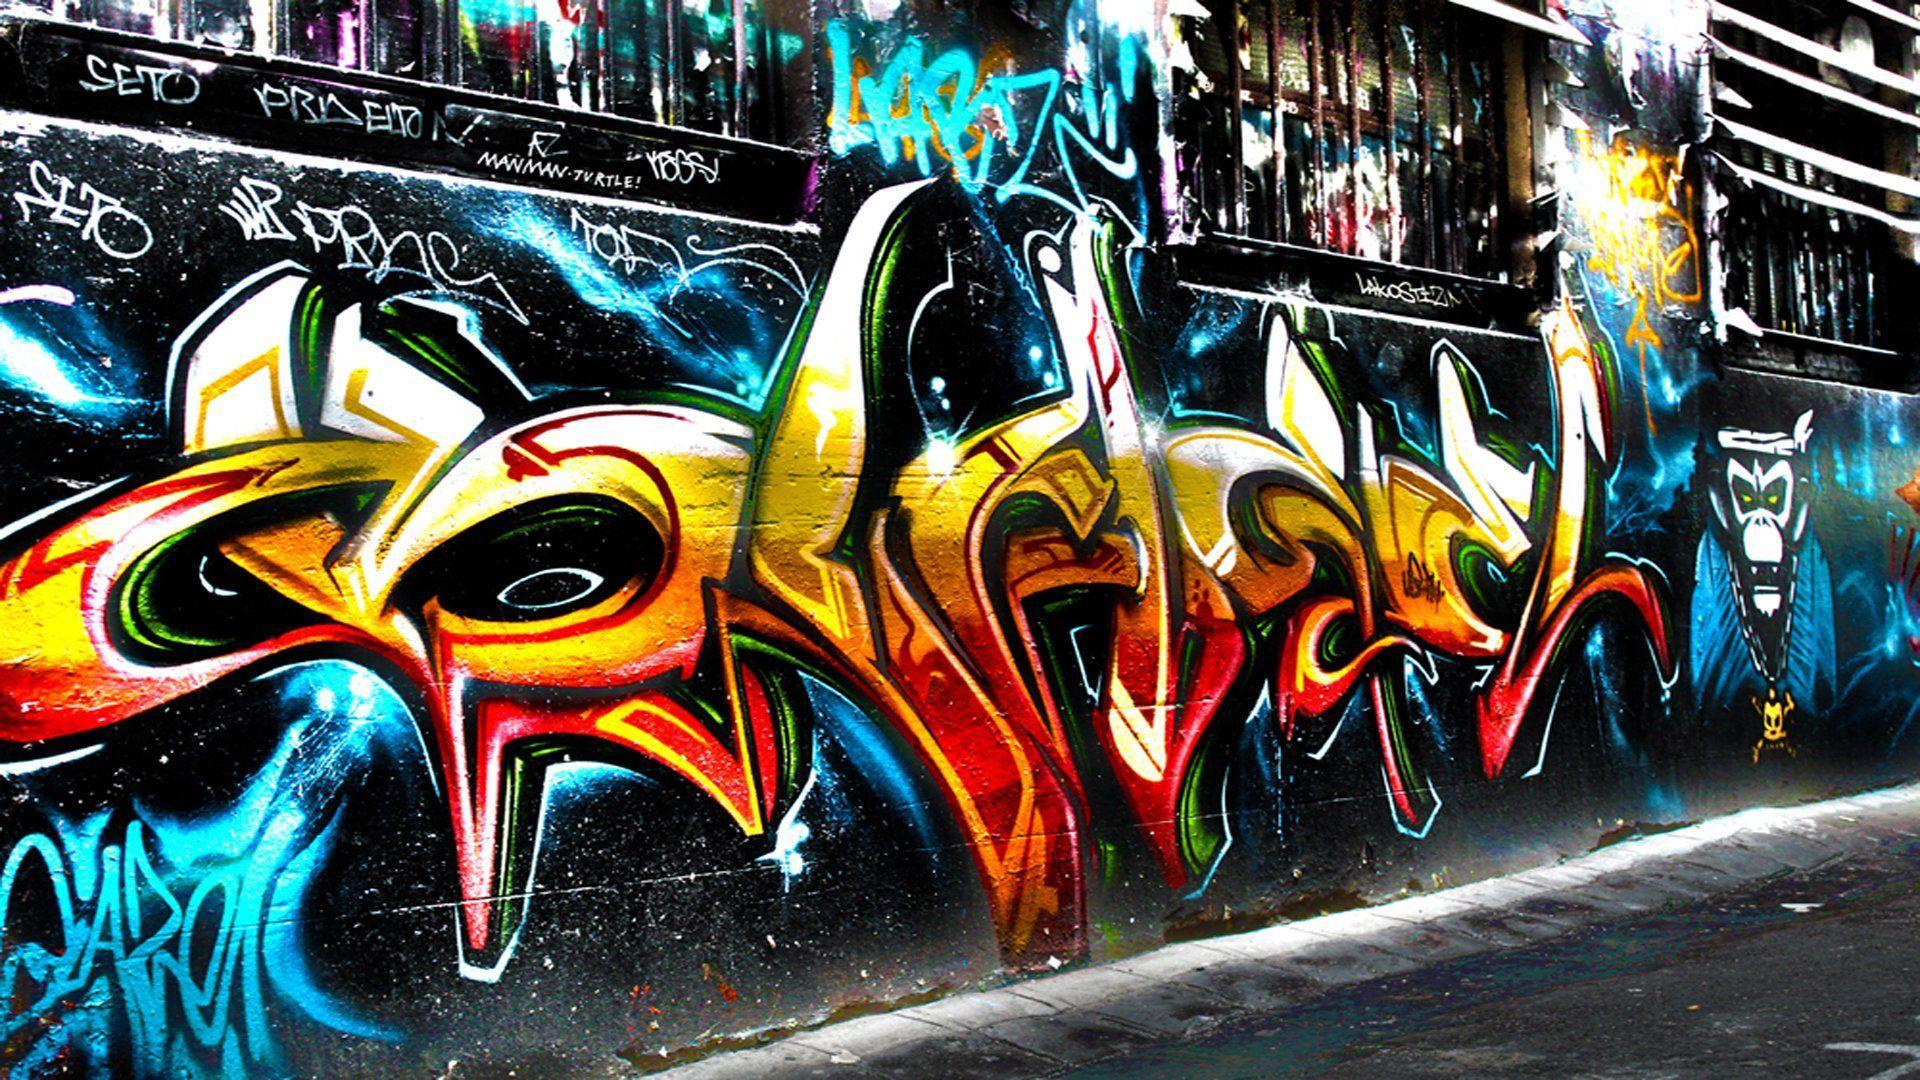 1920x1080 Urban Art HD Hình nền và Hình nền